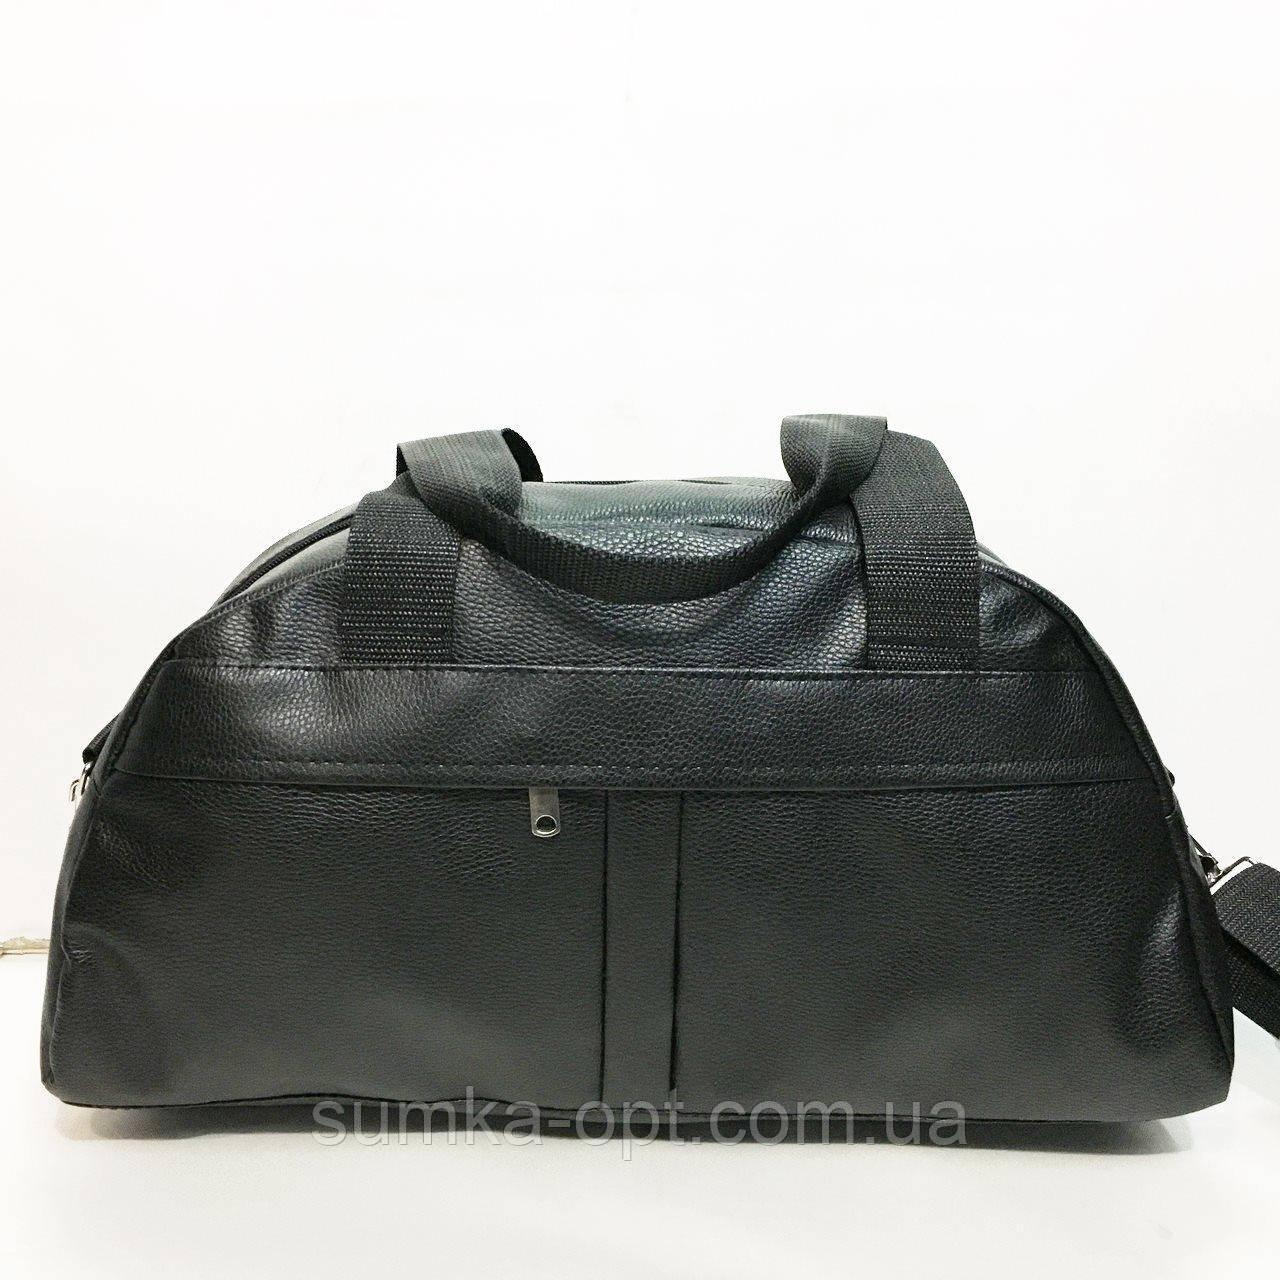 Спортивные сумки из искусственной кожи (ЧЕРНЫЙ БЕЗ НАКАТКИ)20х24х44см